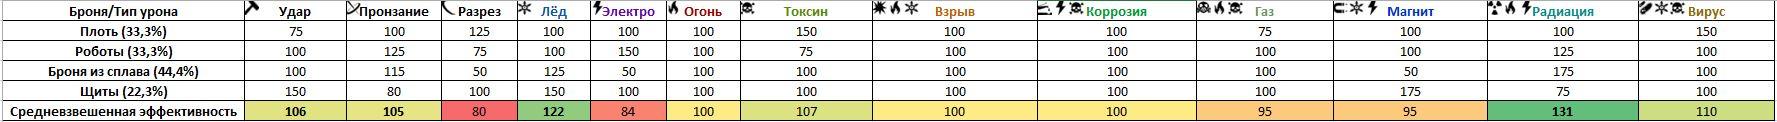 Faradp/Анализ типов урона 2.0 для Индекса